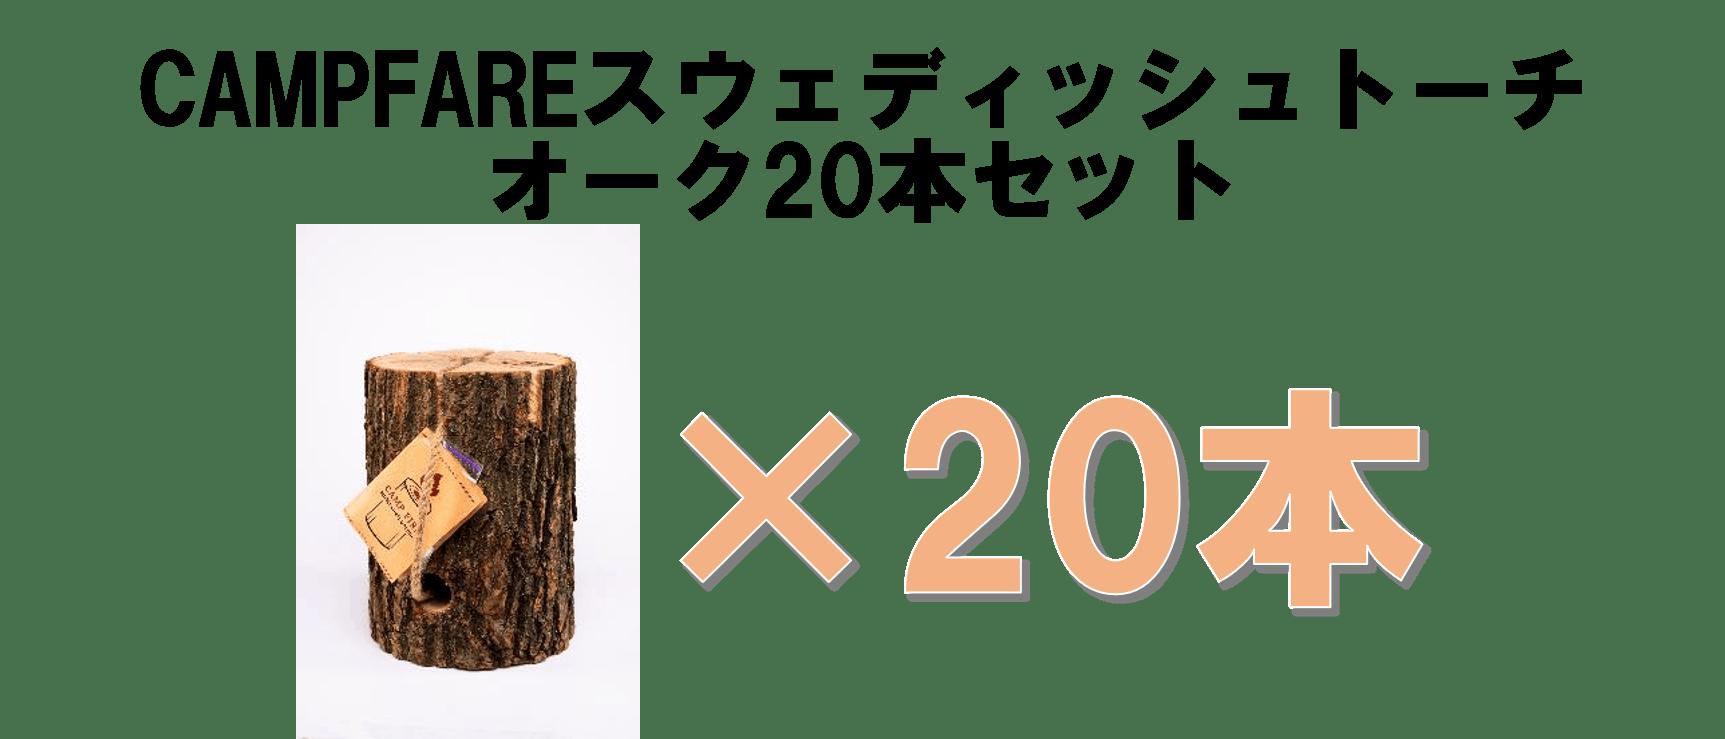 20本オーク